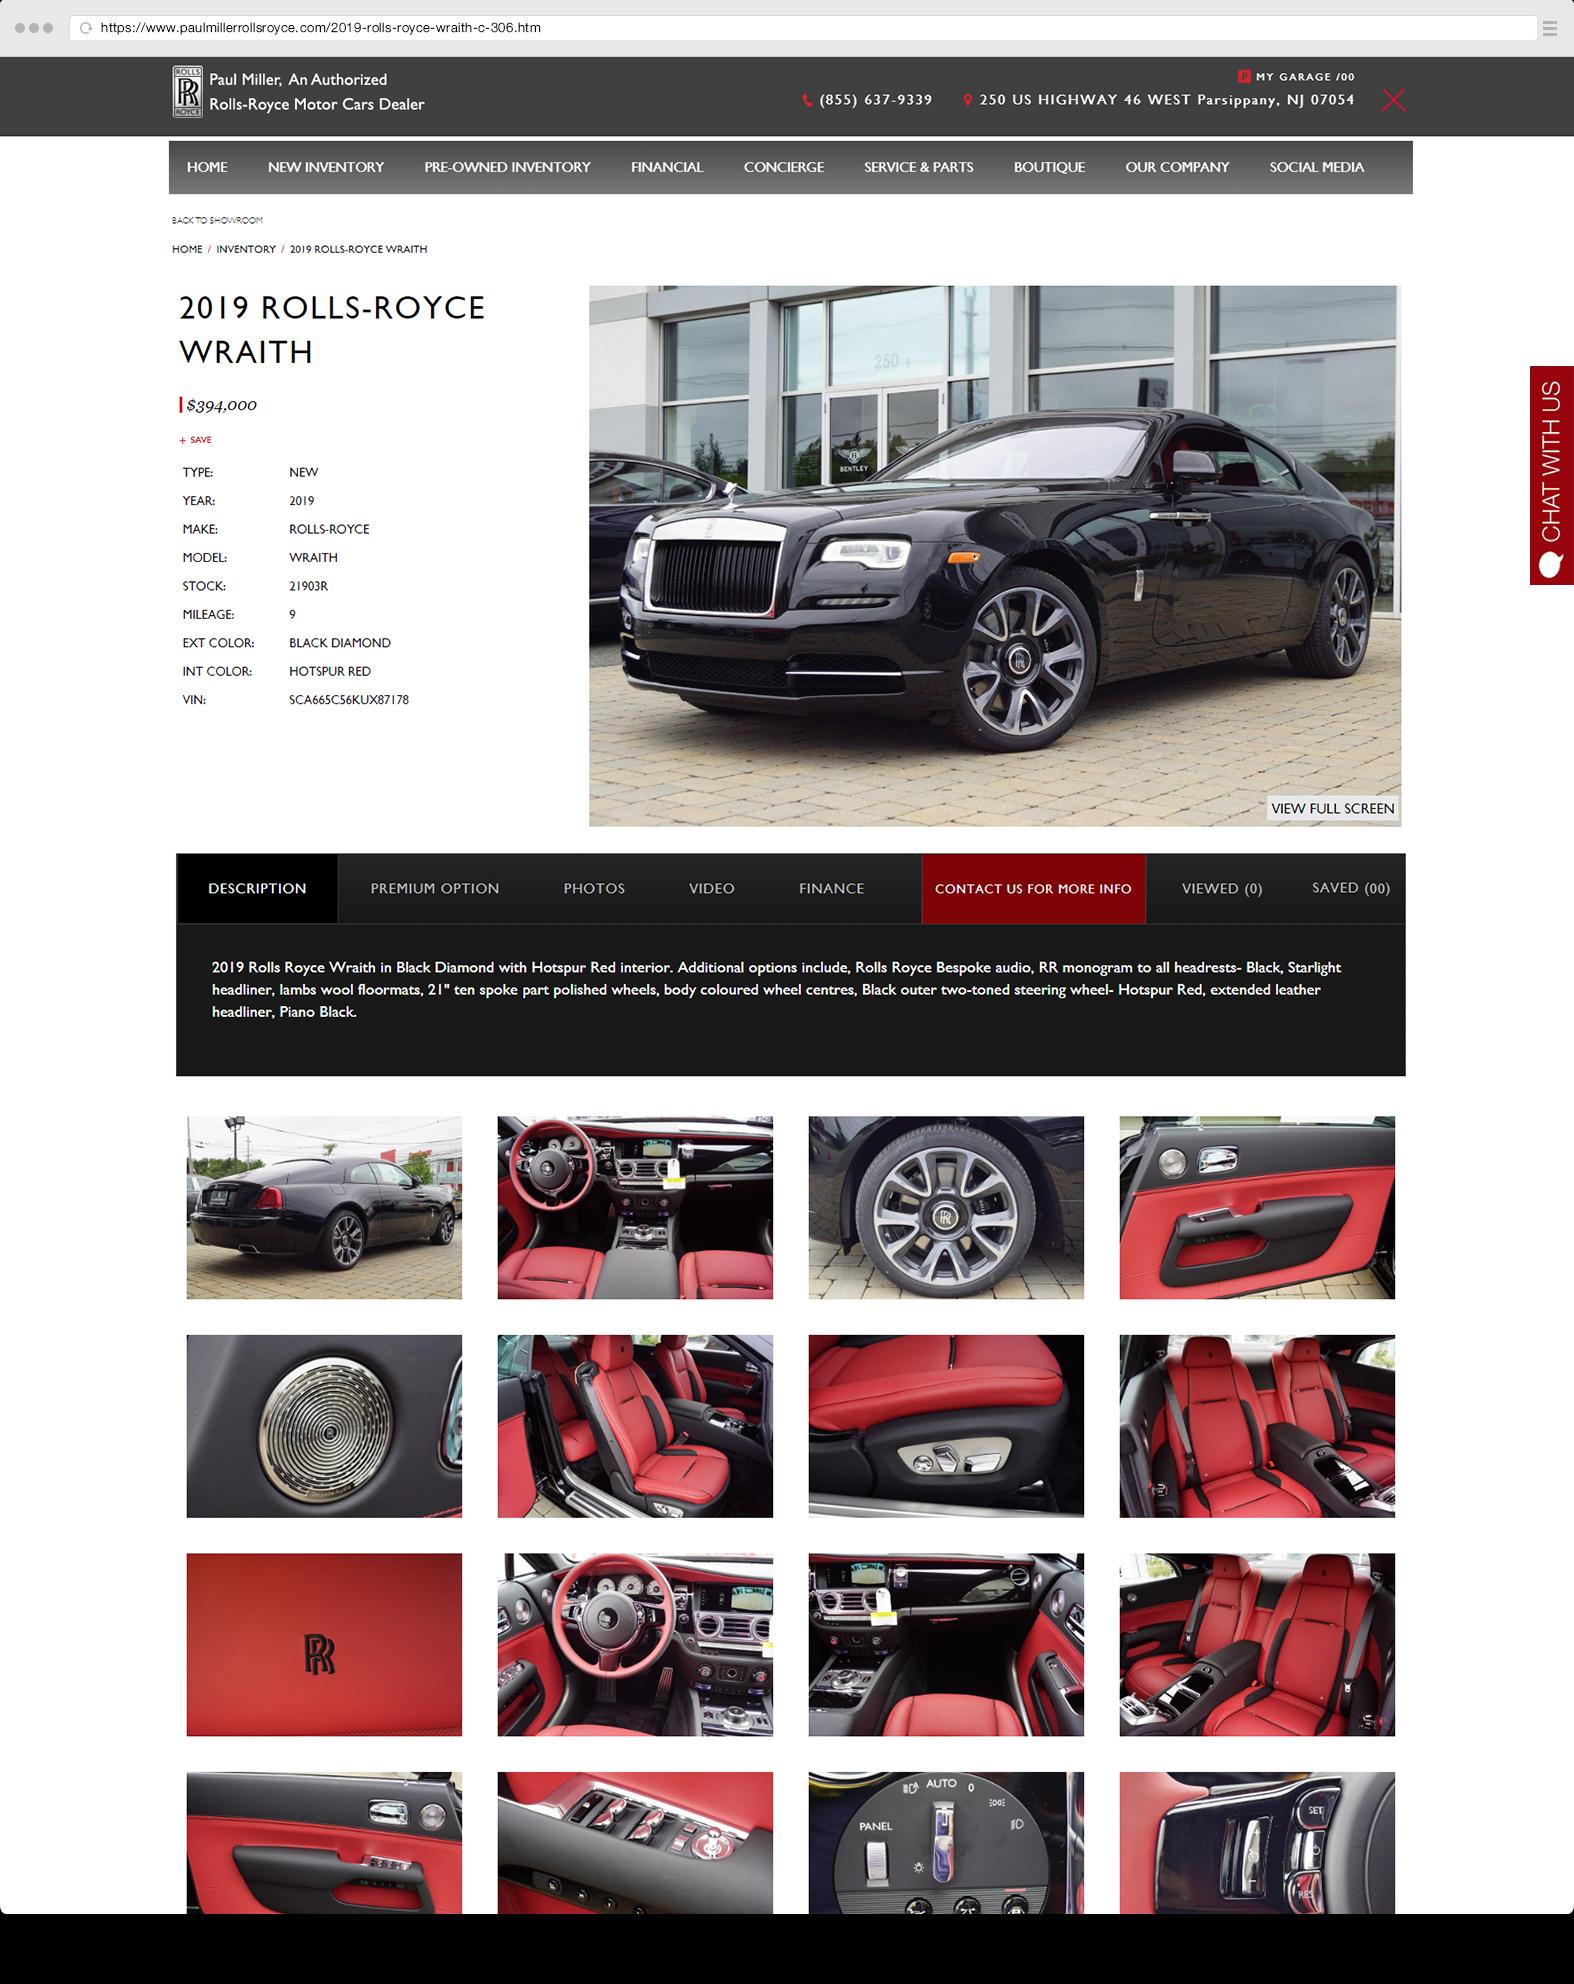 Vehicle Detail Paul Miller Rolls Royce